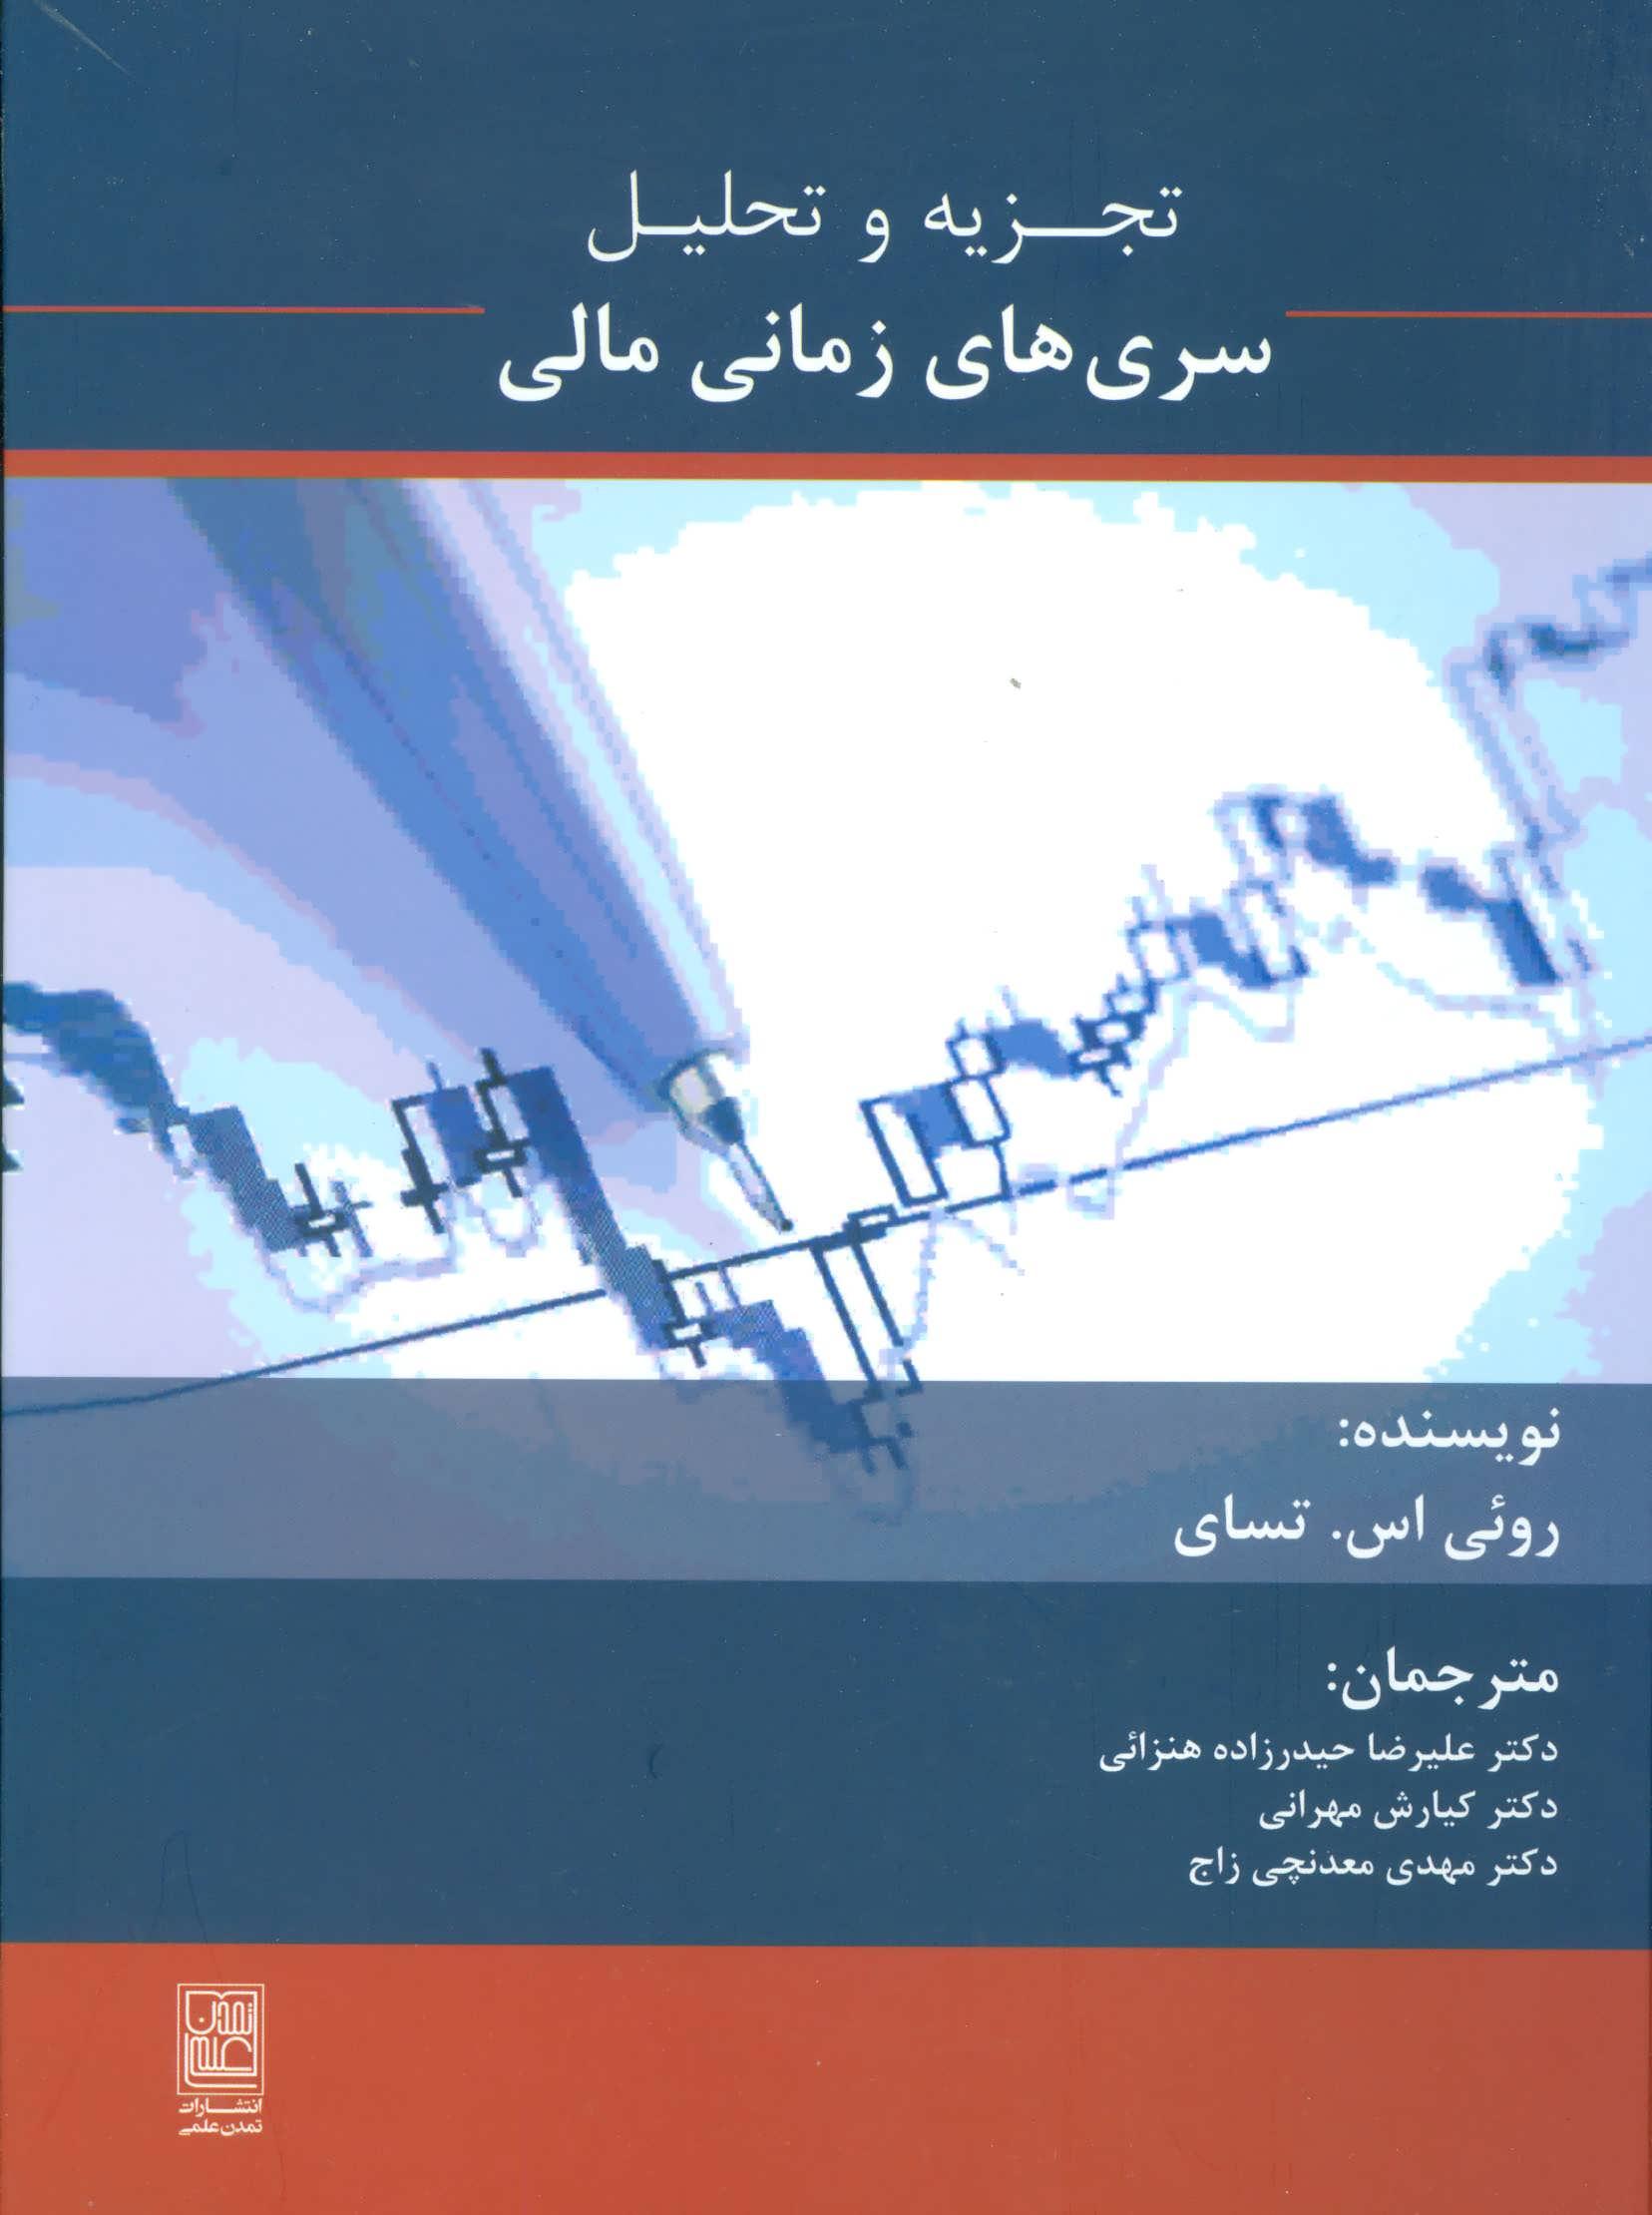 کتاب تجزیه و تحلیل سری های زمانی مالی